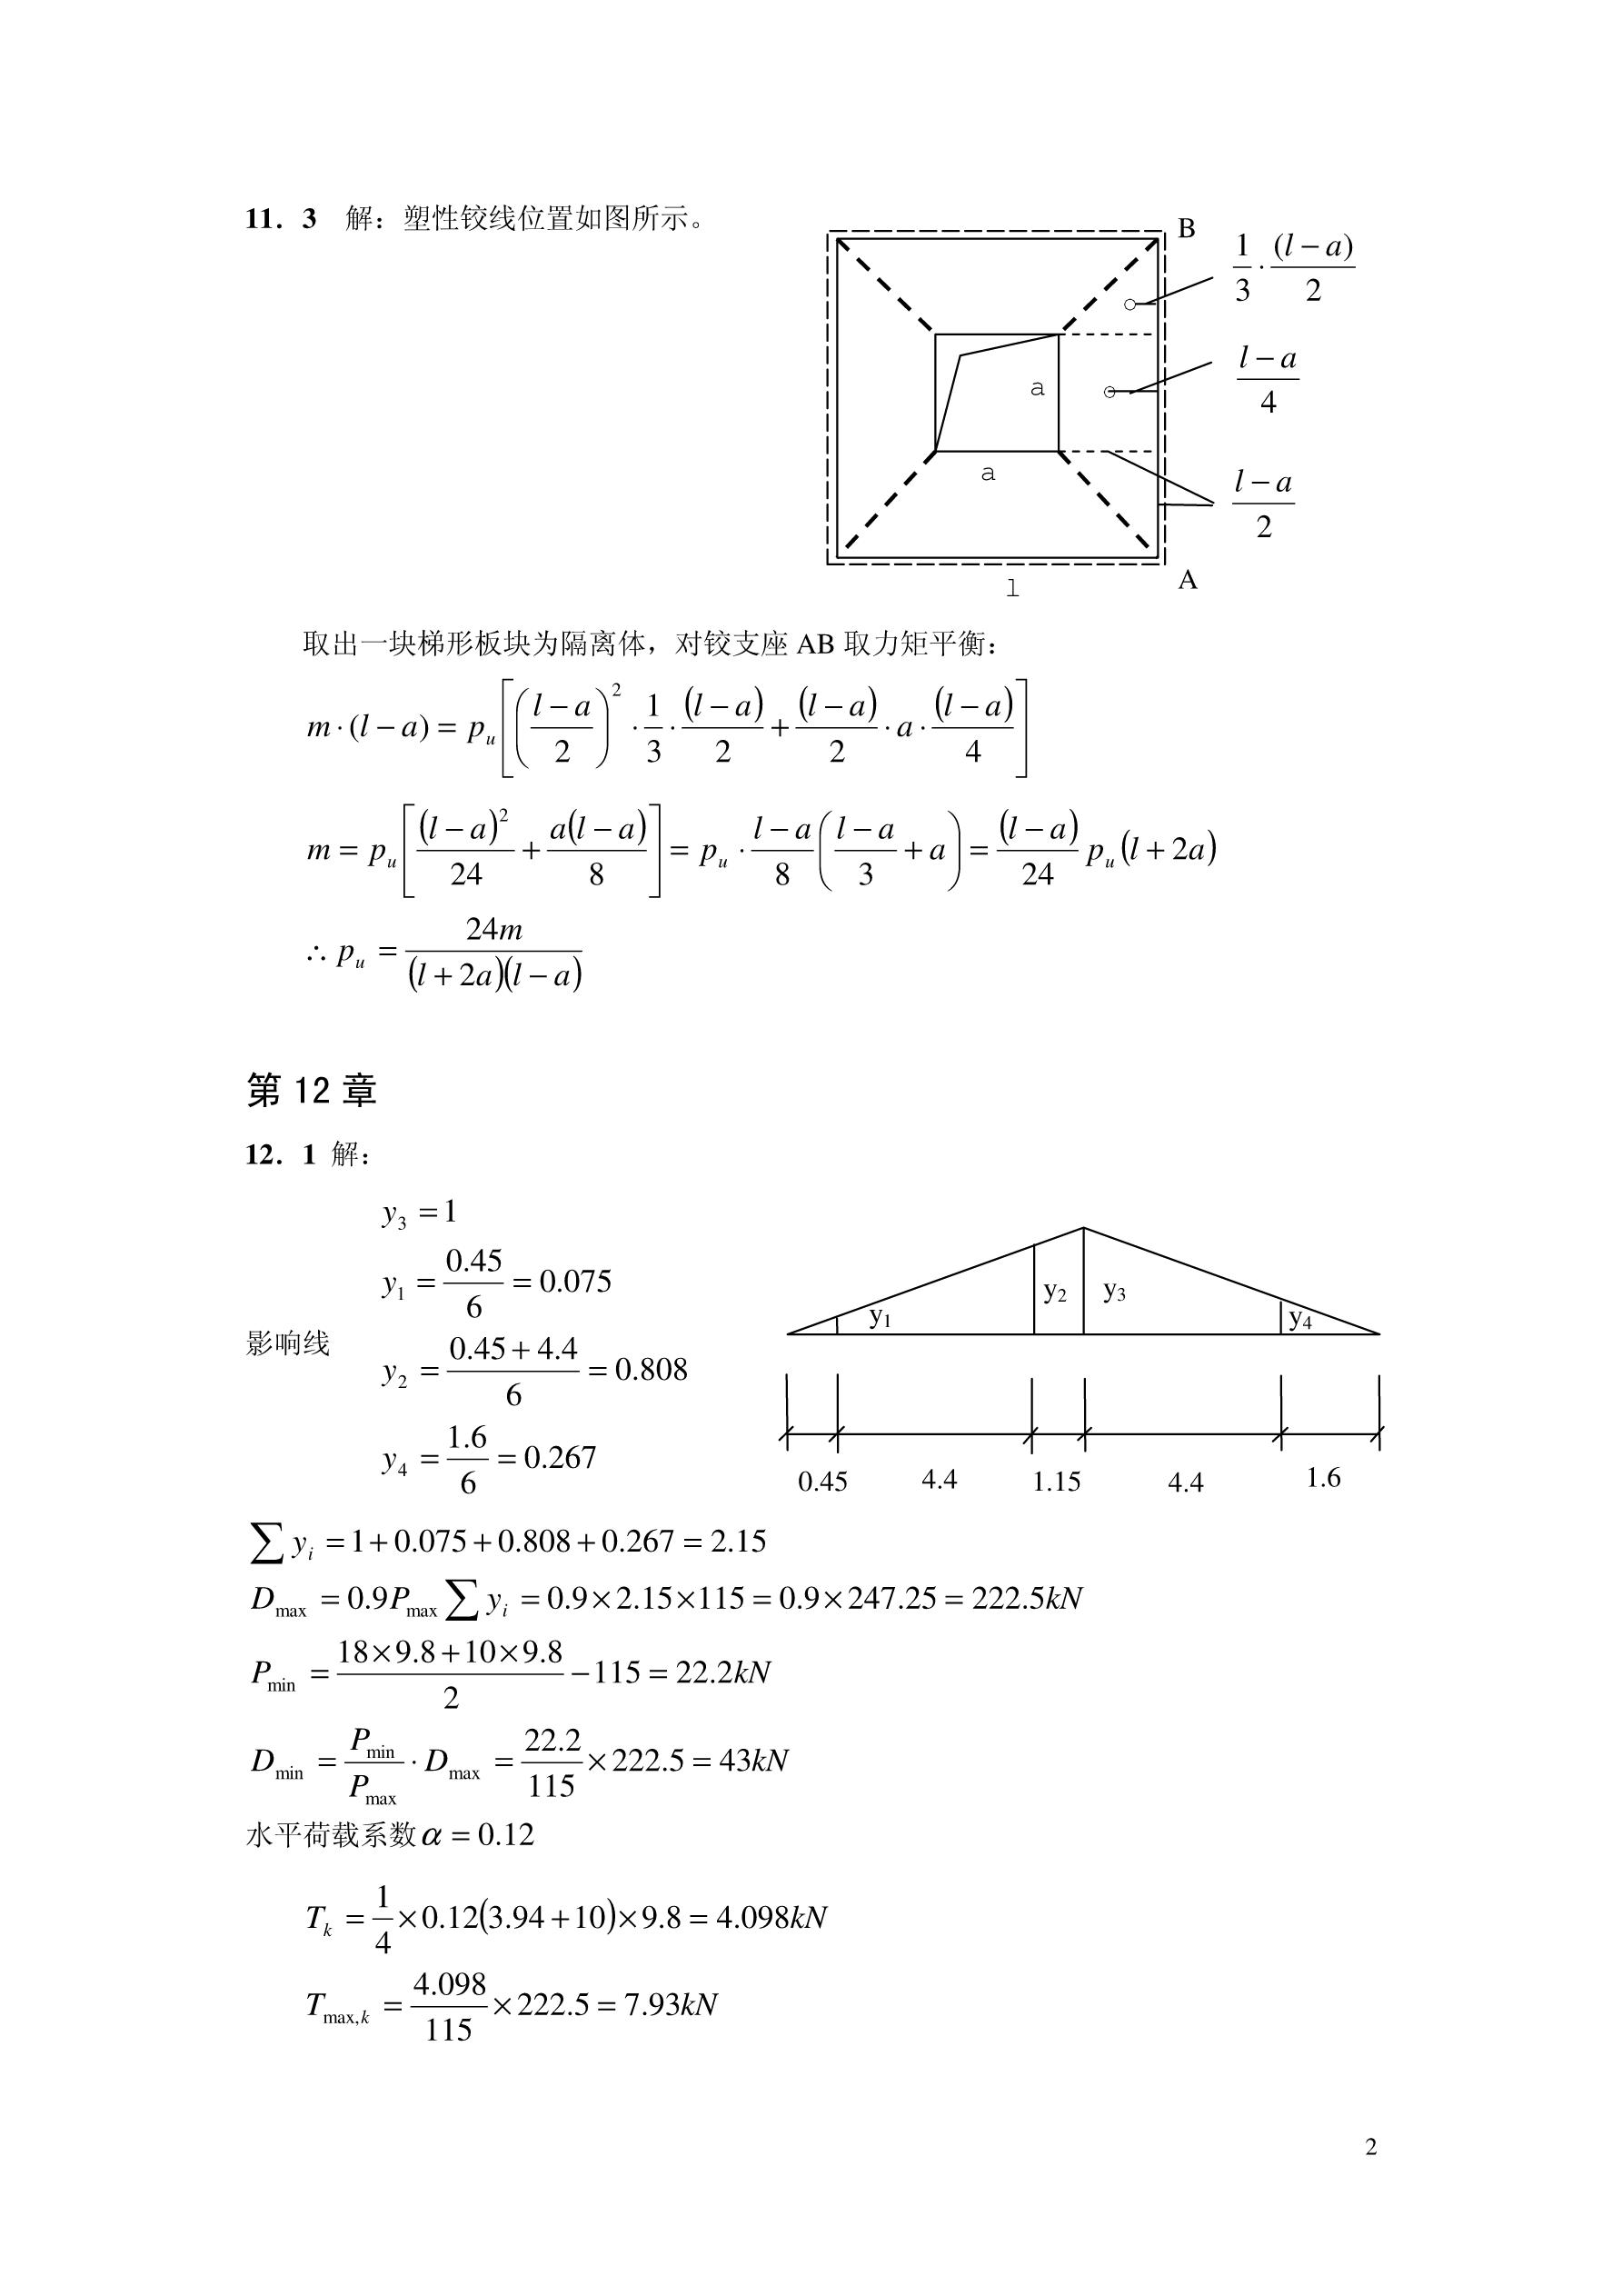 混凝土结构中册混凝土结构与砌体结构设计习题答案图片